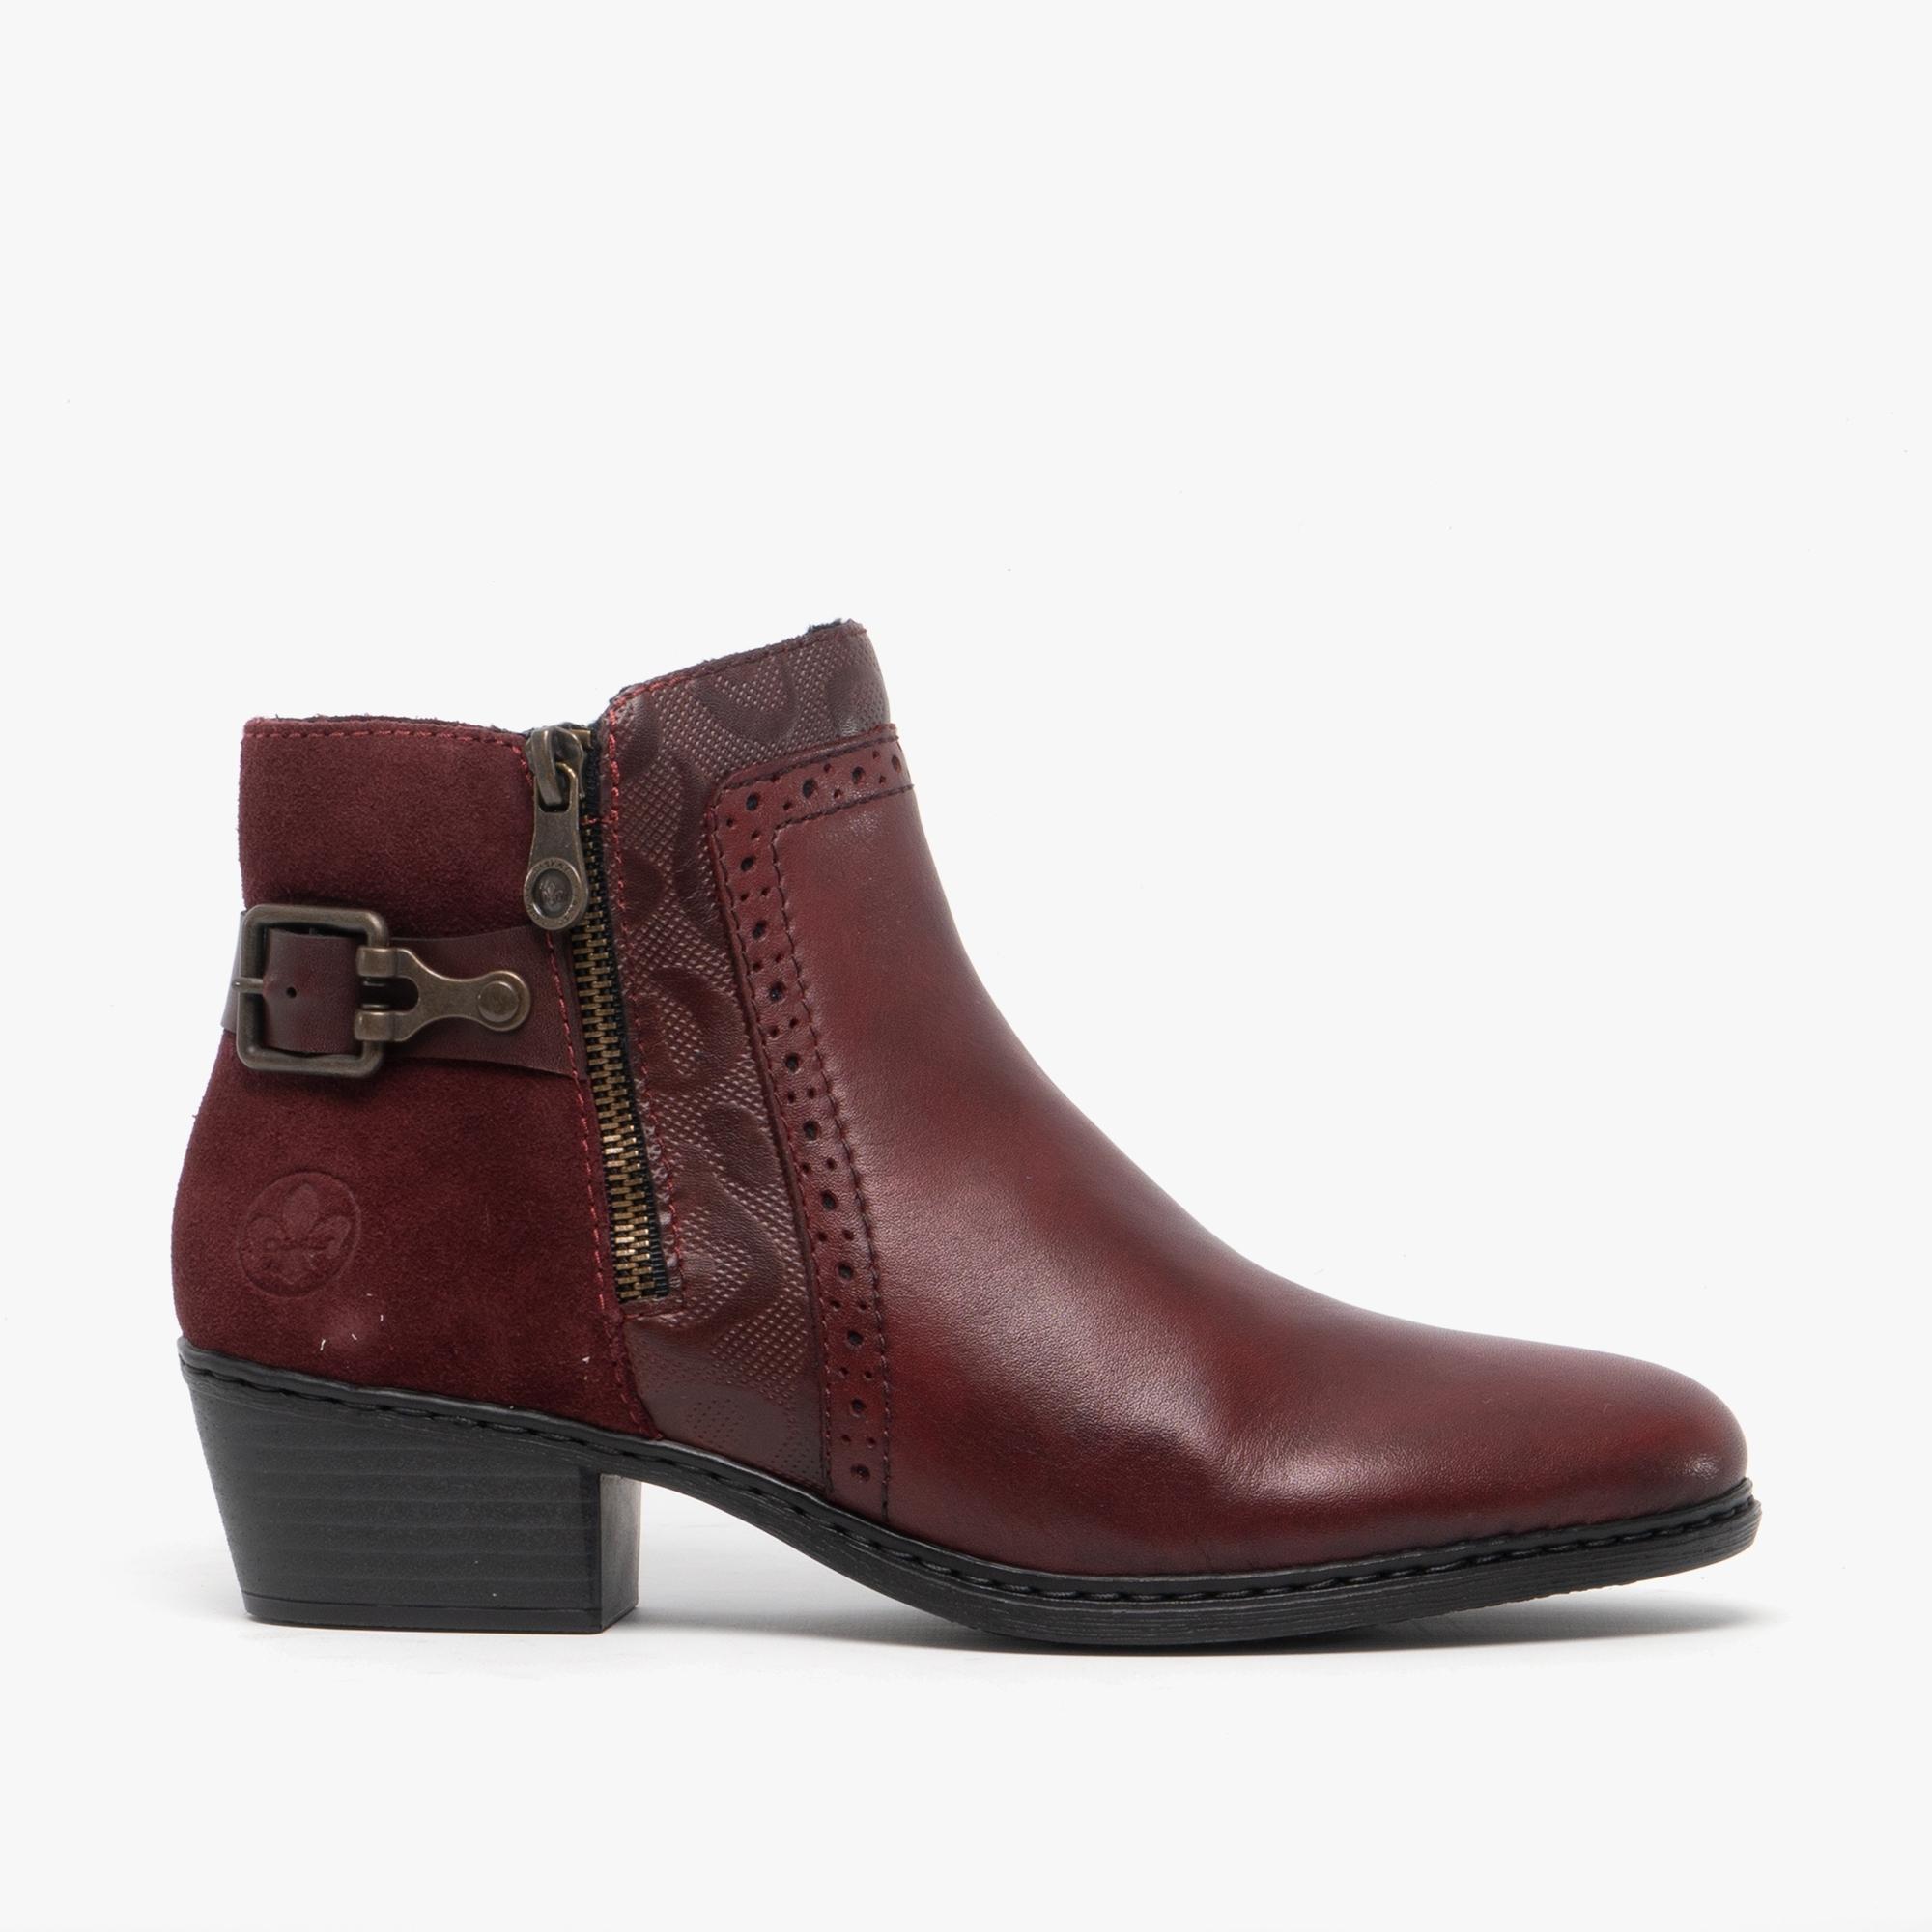 Rieker 75585-30 Ladies Block Heel Zip